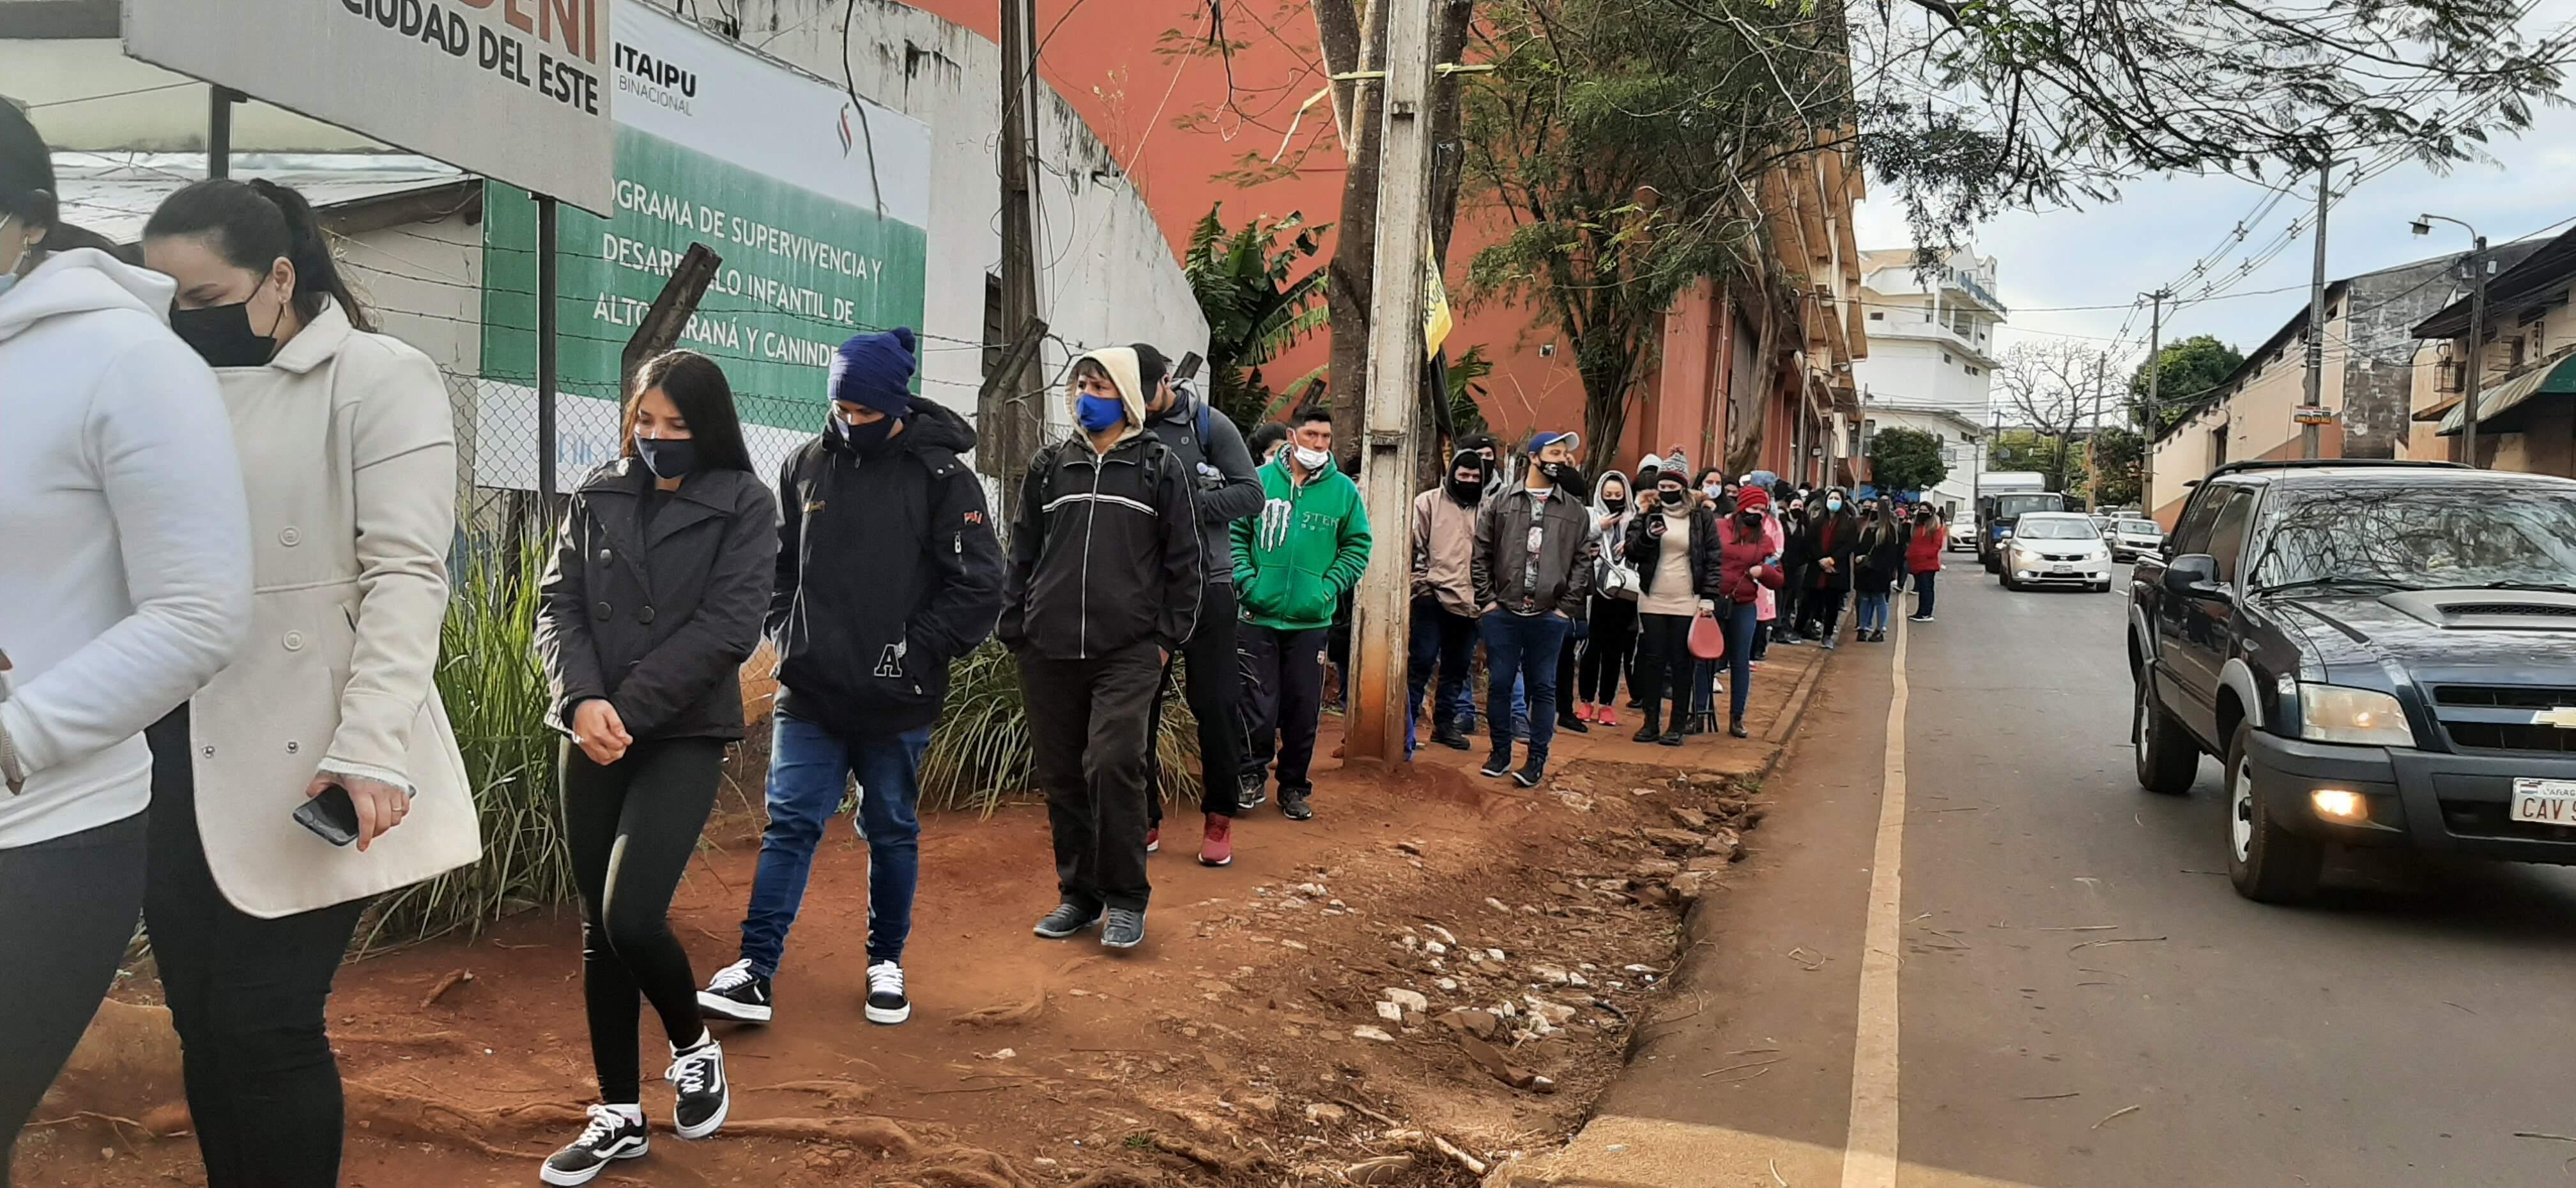 Los jóvenes llegaron a tempranas horas al único puesto peatonal de Ciudad del Este para asegurar su dosis anticovid.